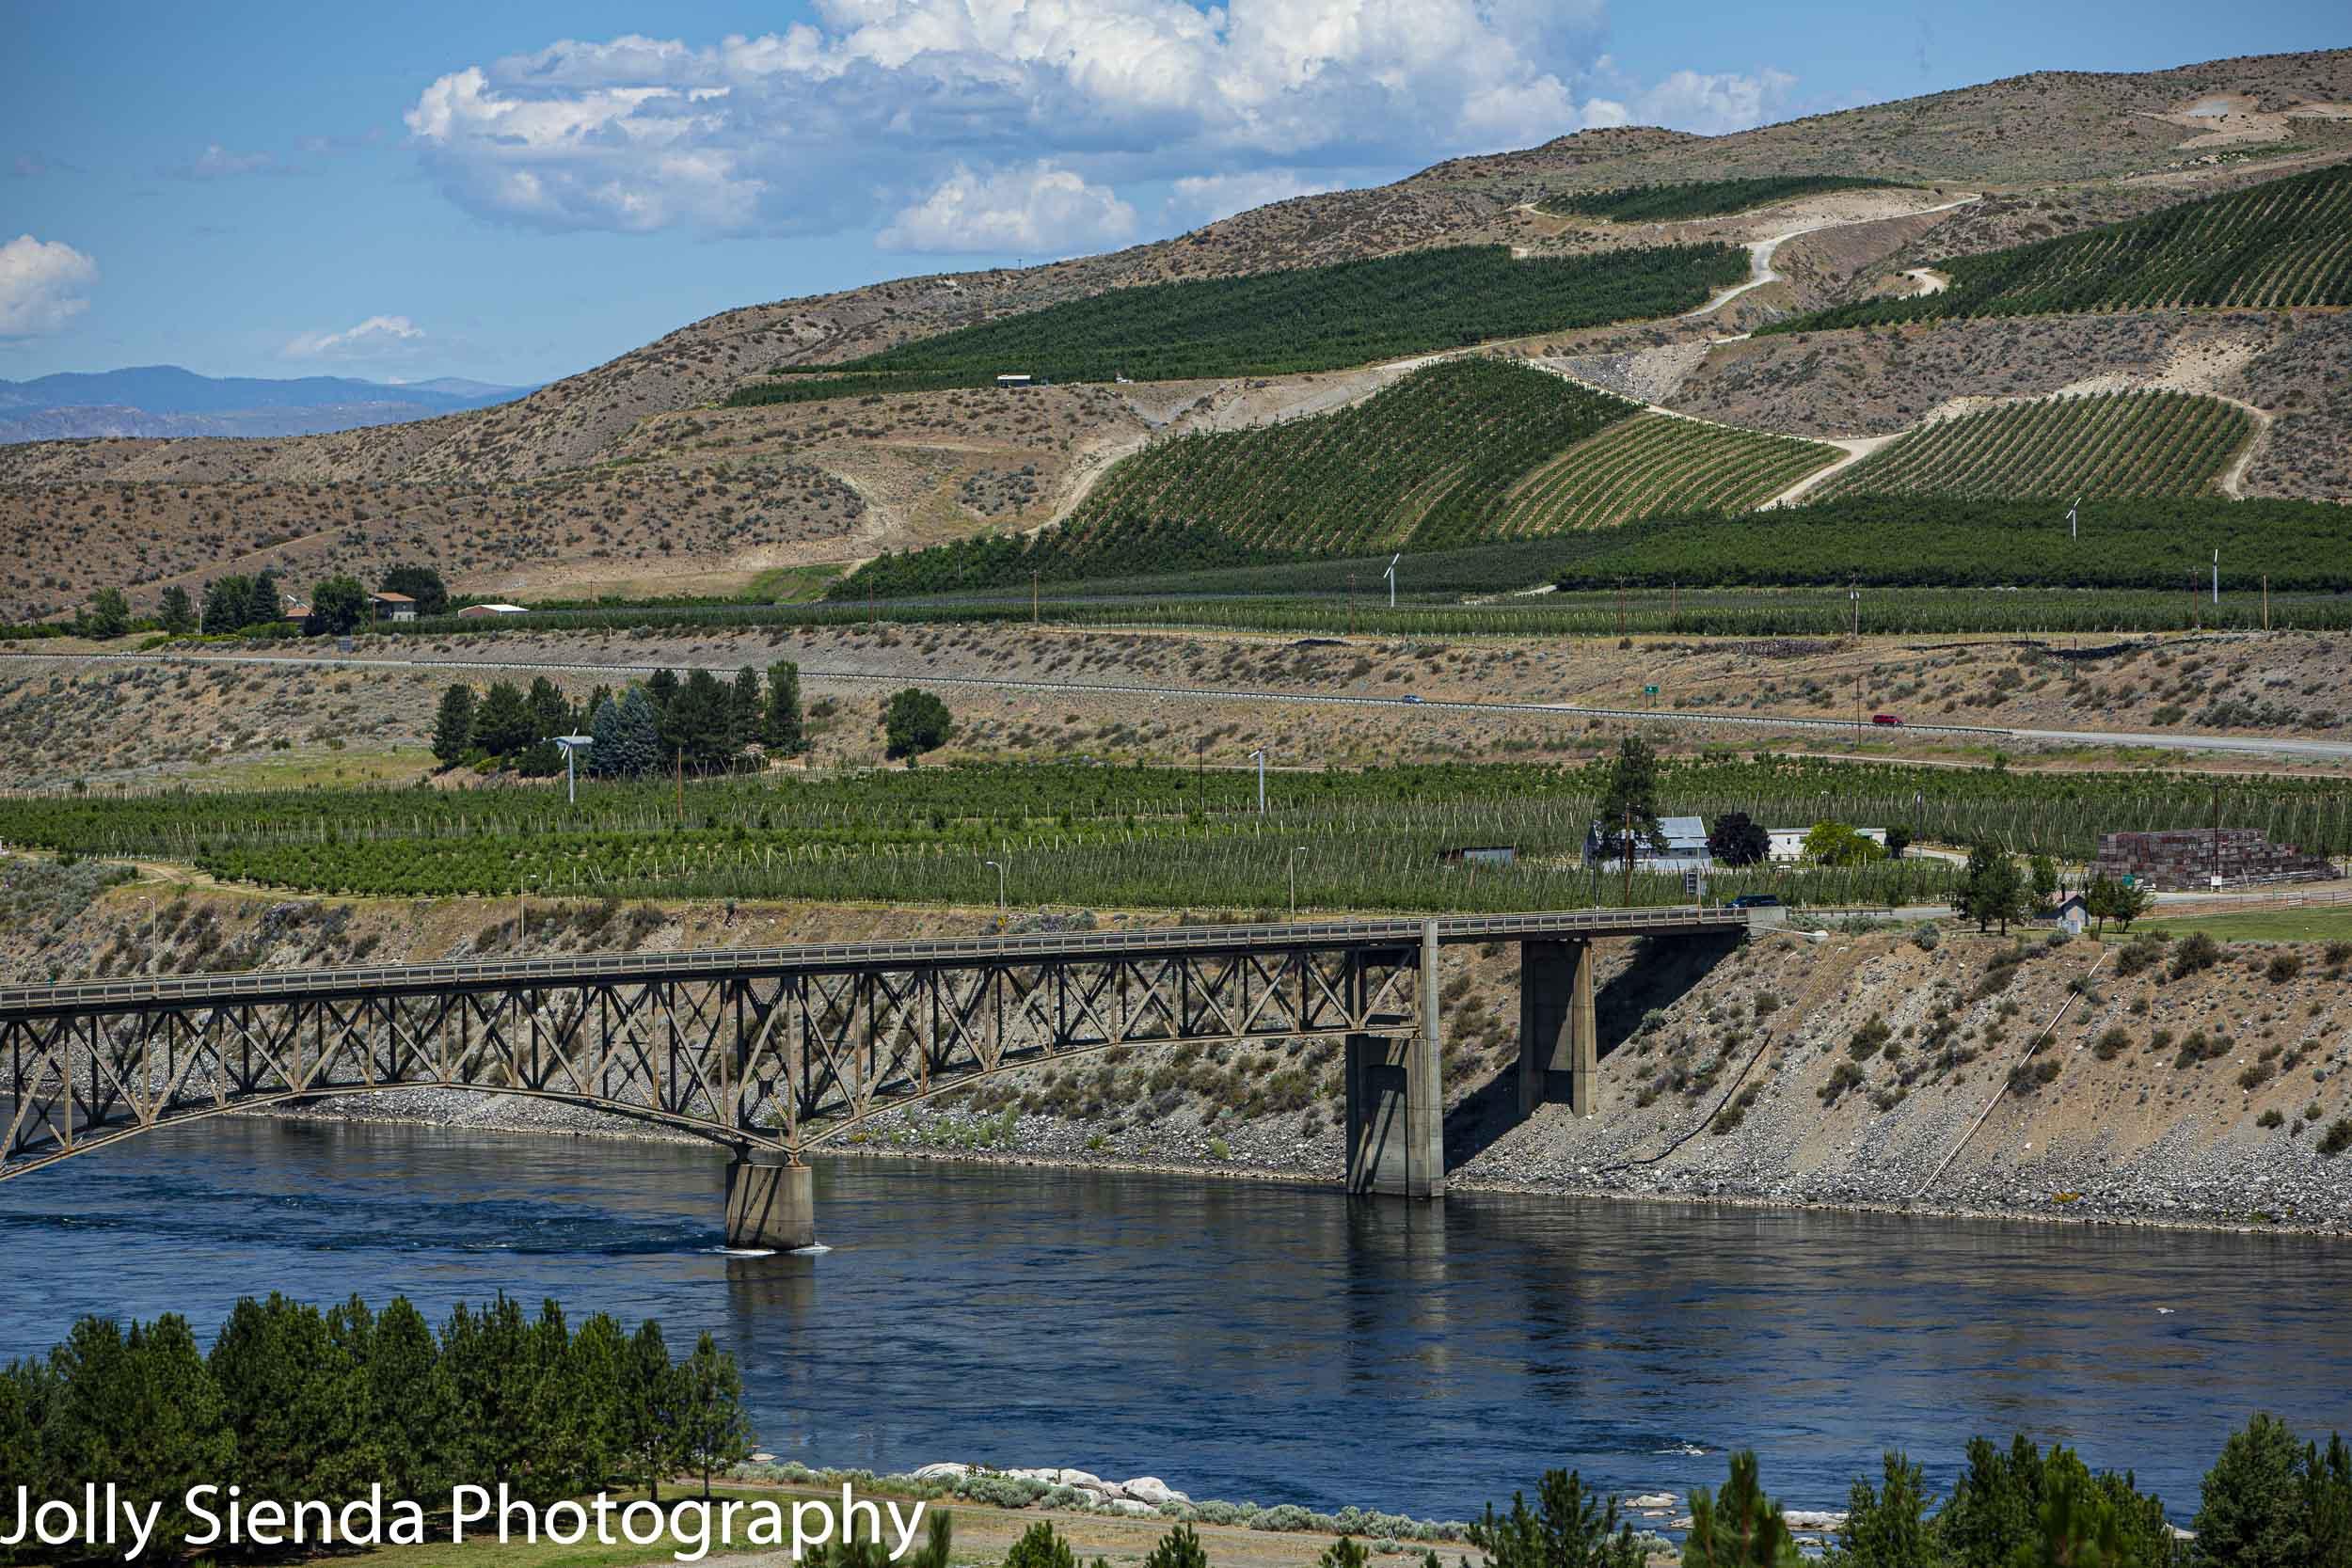 Bridgeport Bridge, orchards and vineyards near Chief Joseph Dam, WA.